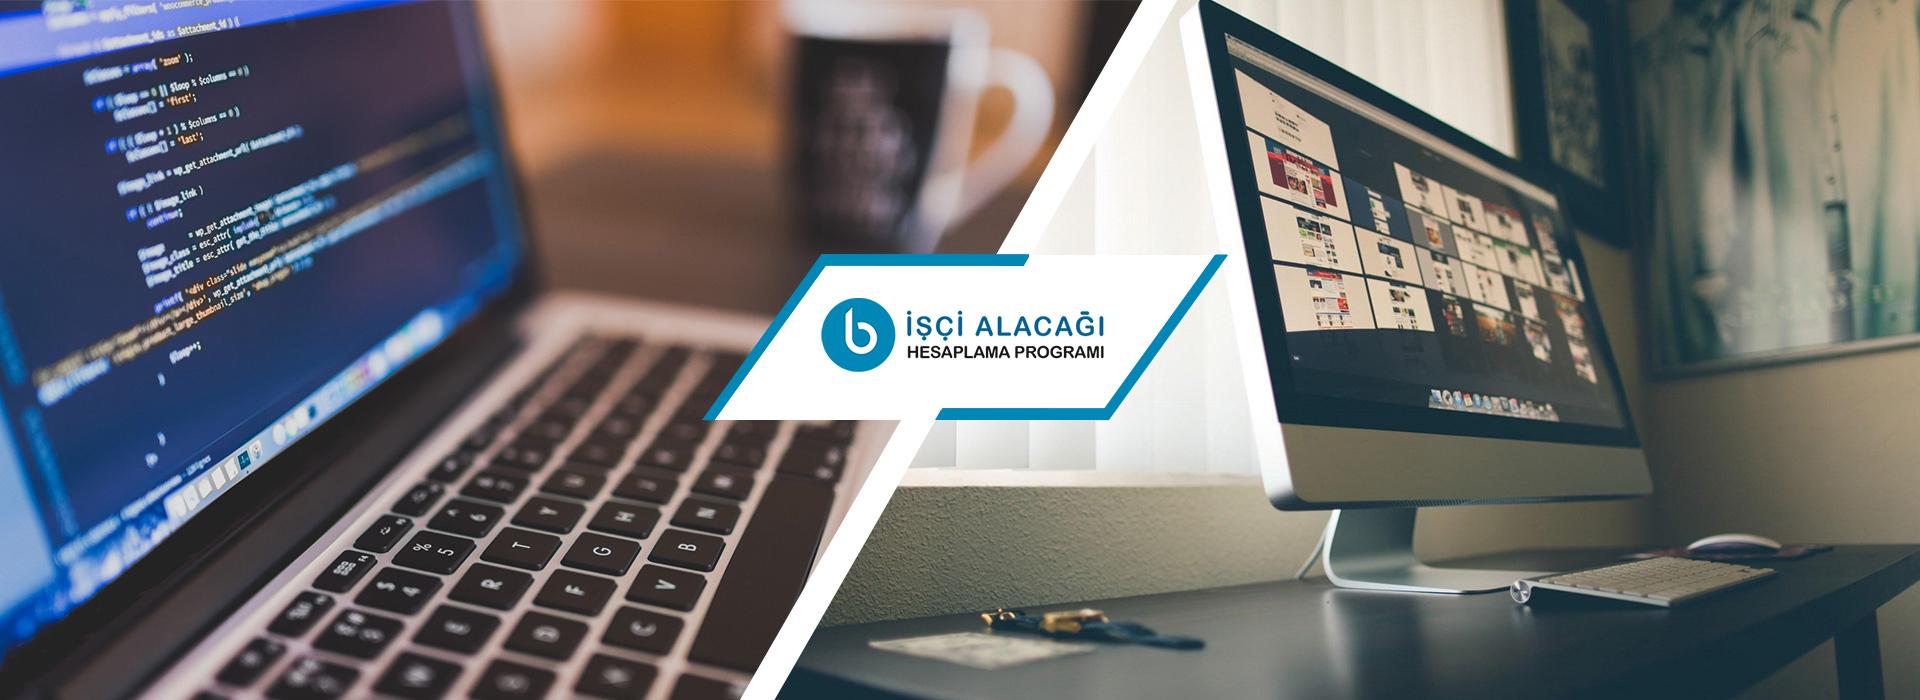 isci-alacagi-banner